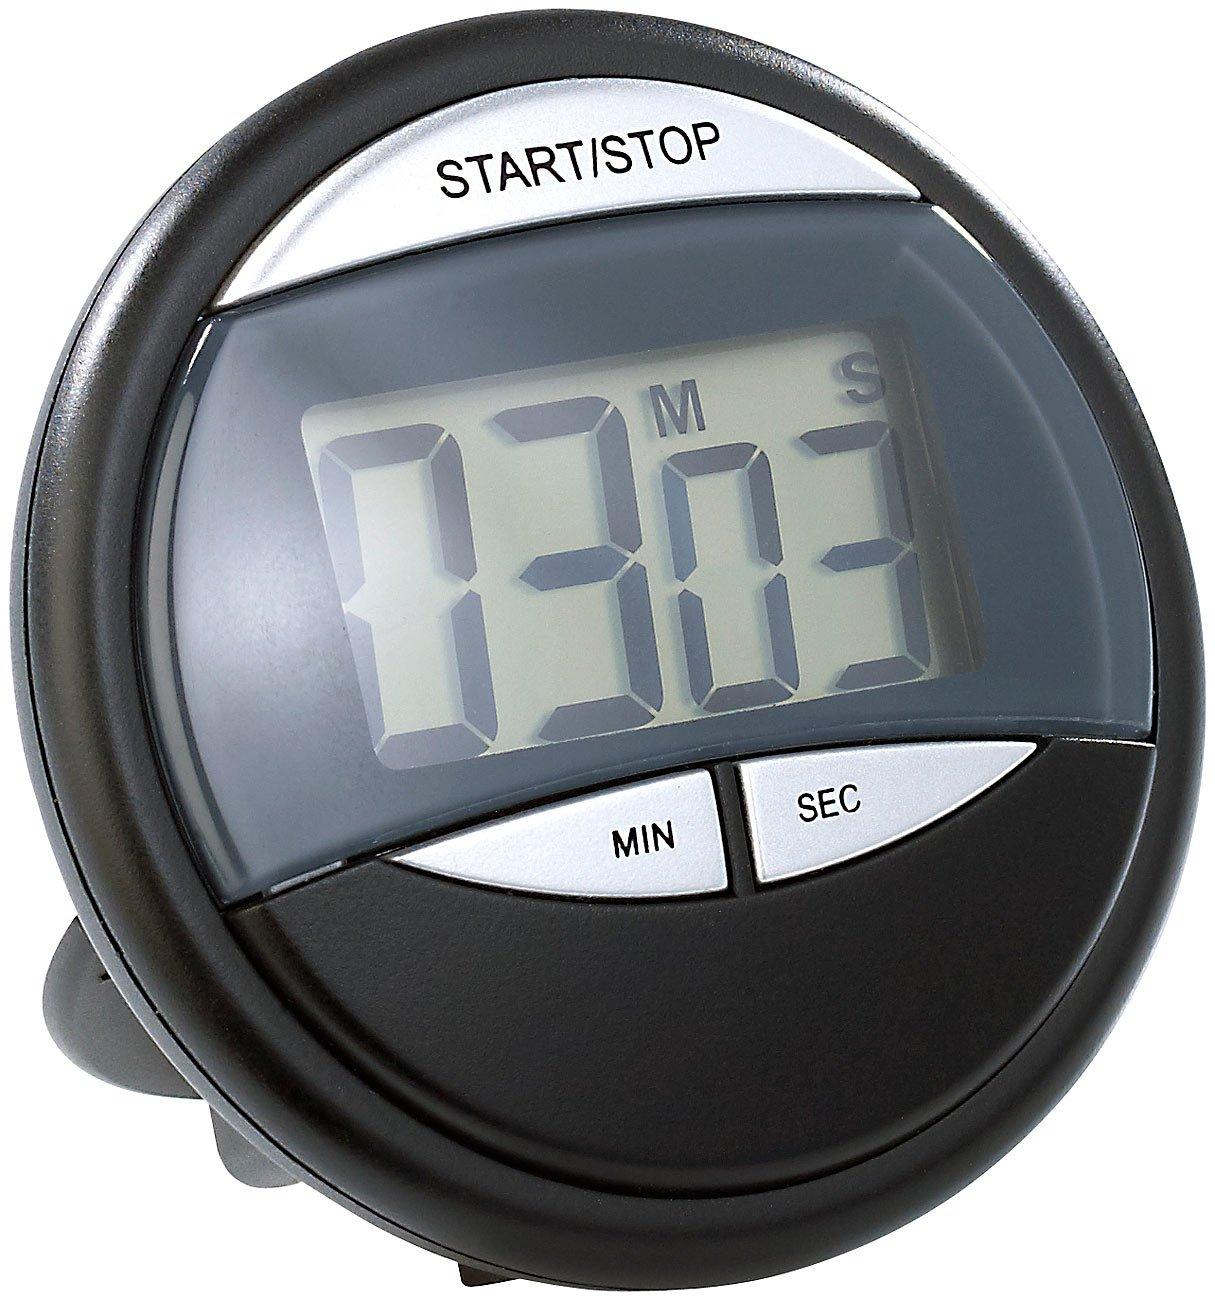 PEARL Küchen-Timer mit Magnethalterung: Amazon.de: Küche & Haushalt